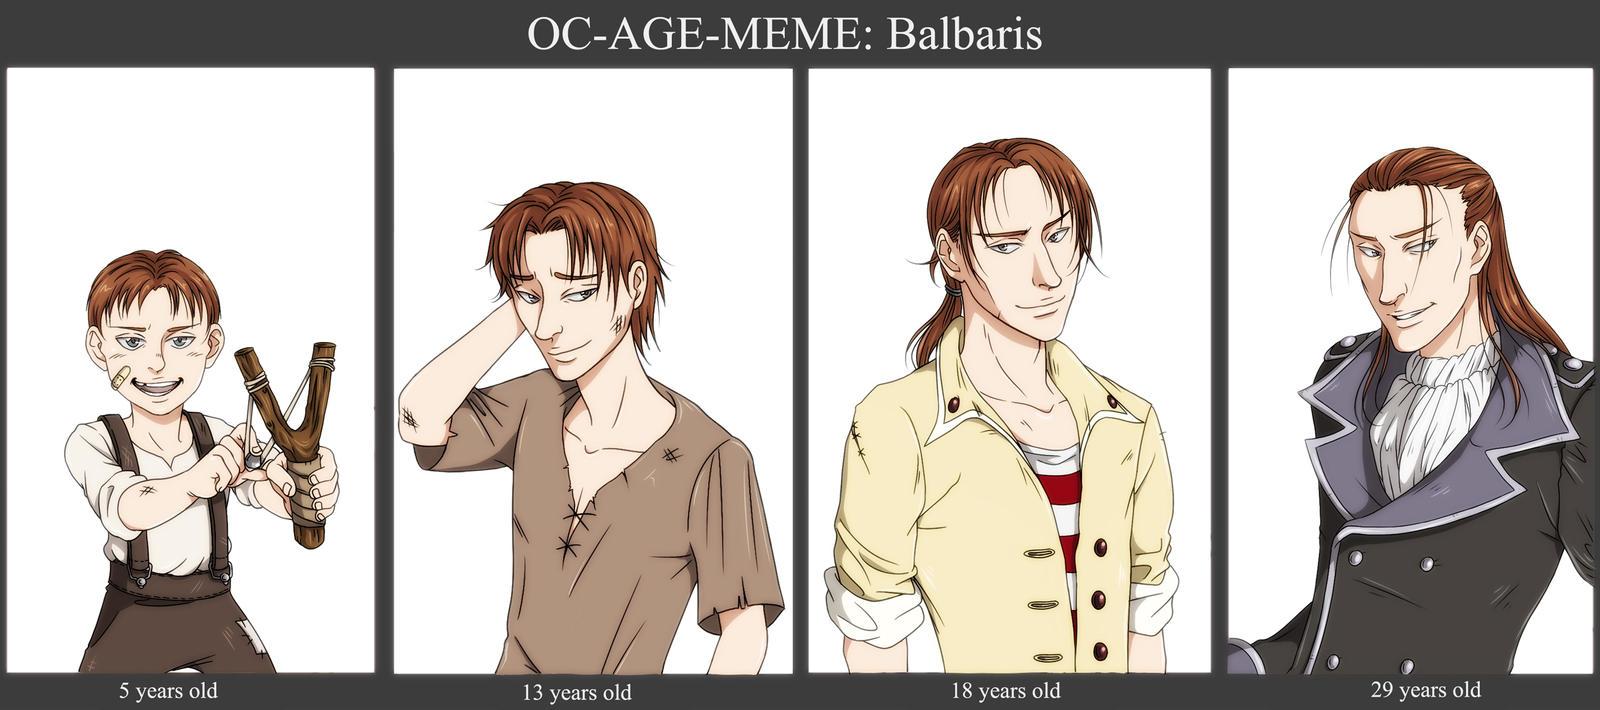 OC Age Meme: Balbaris by Eninaj27